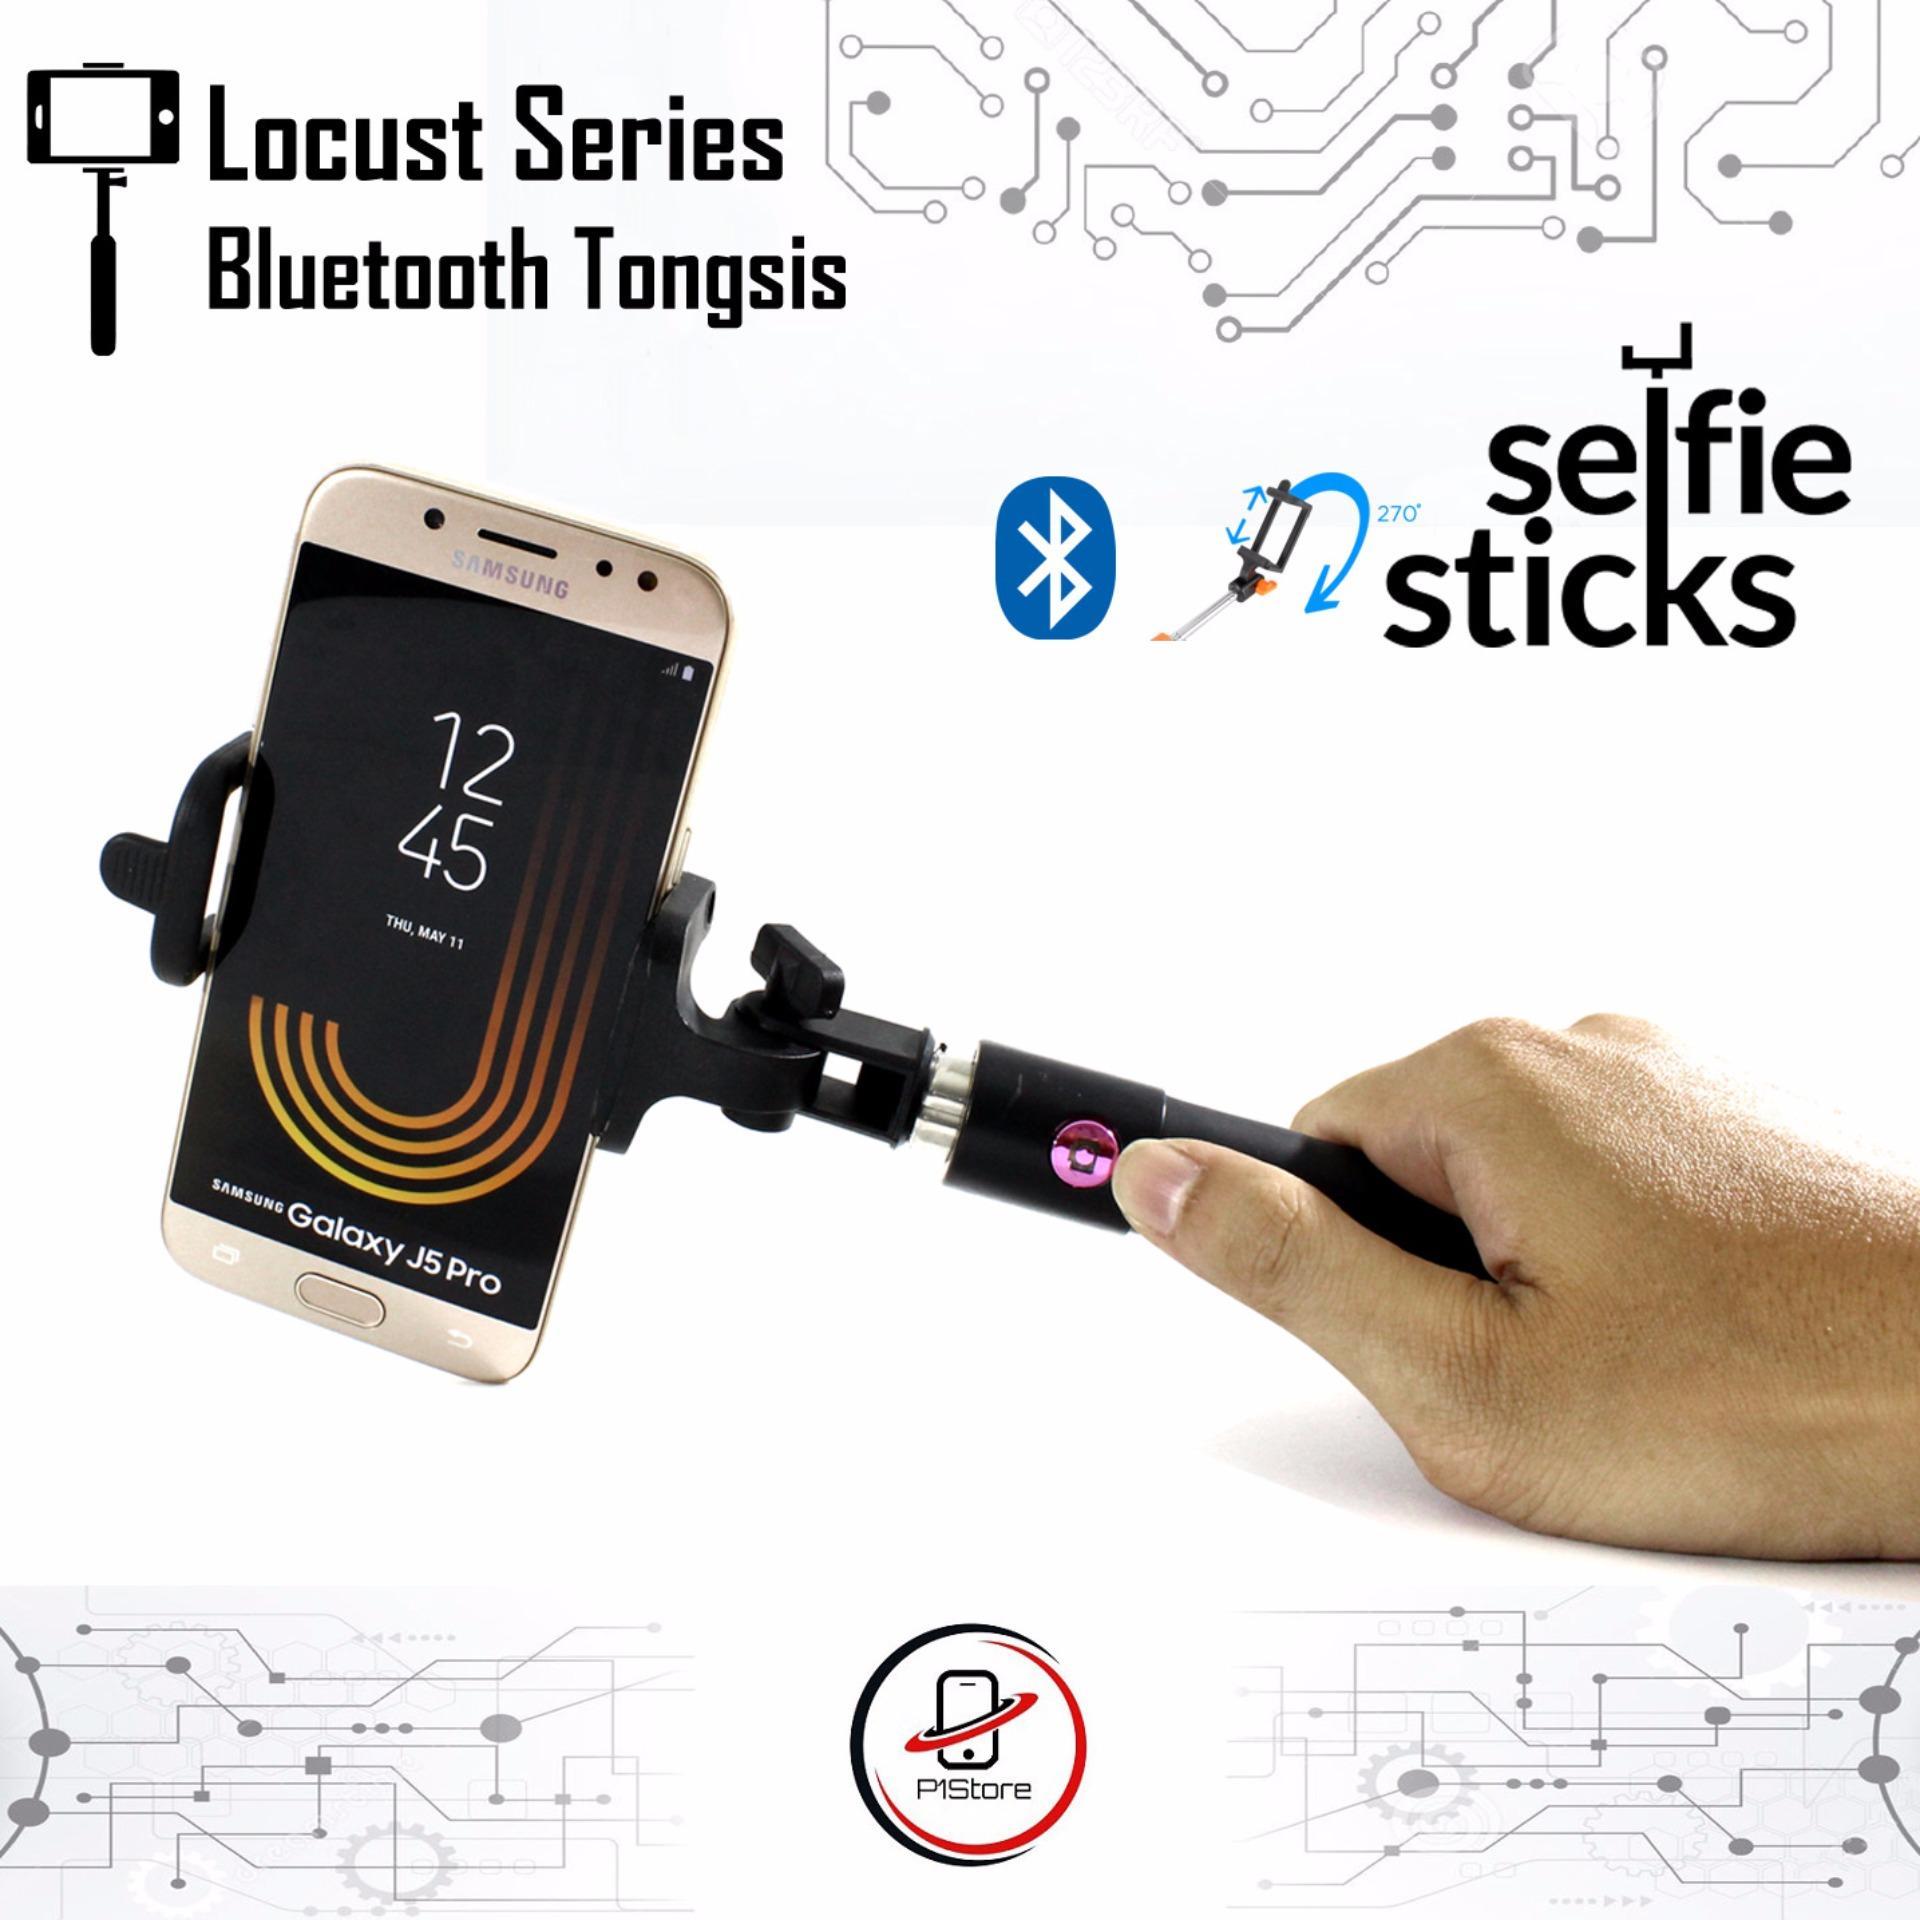 Tongsis Monopod Bluetooth Locust Series Fotopro Tombol Tomsis DSLR .